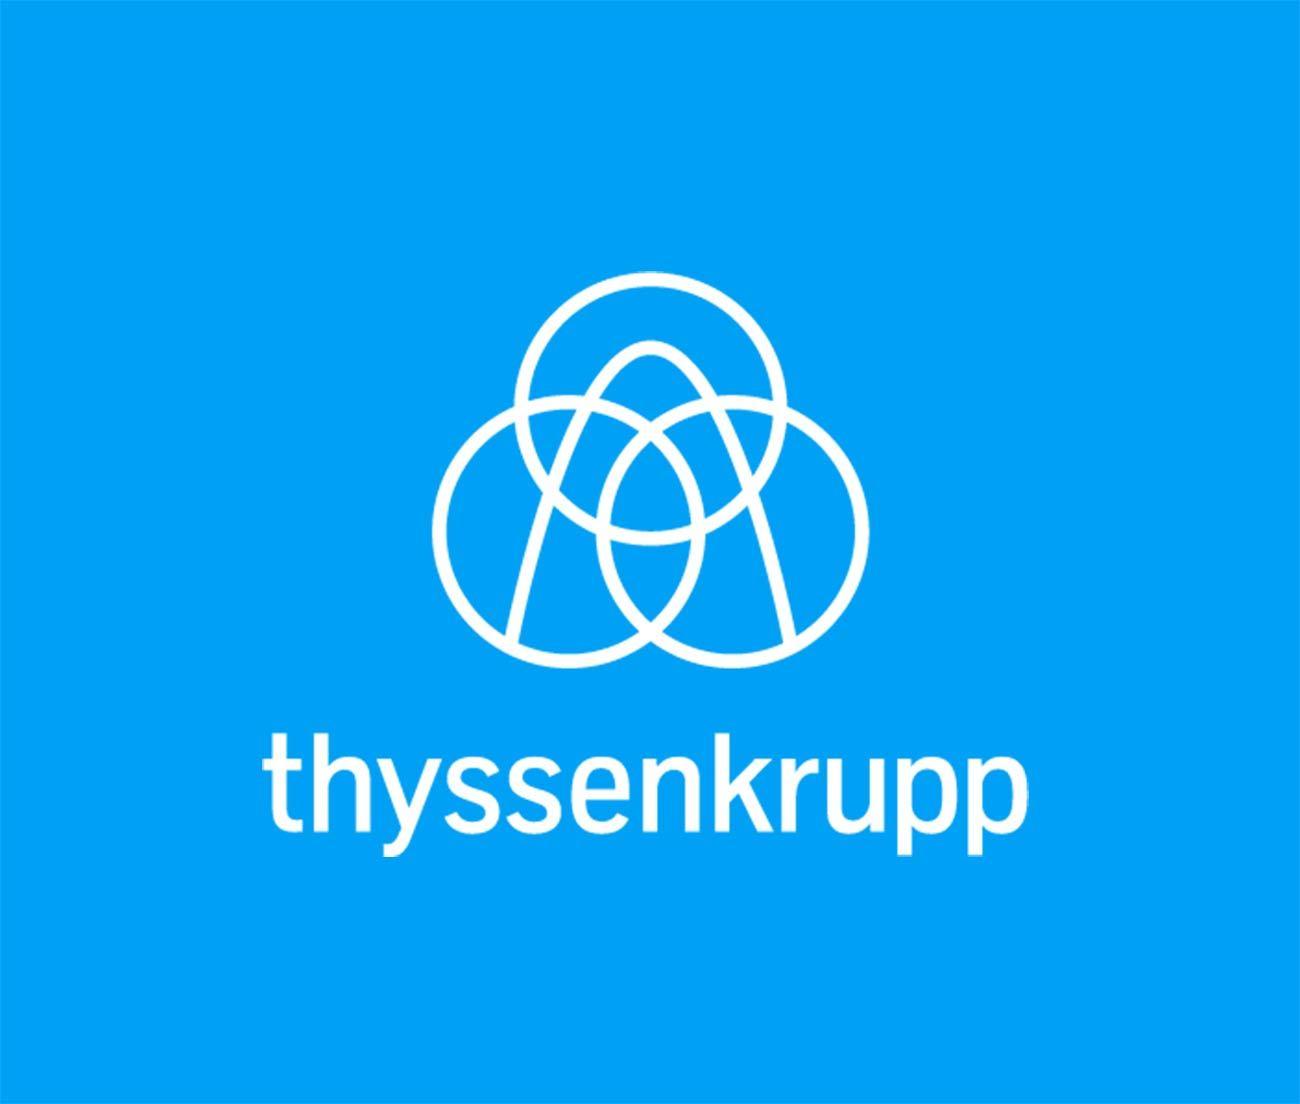 KR_151119_thyssenkrupp_tk_Logo_blau